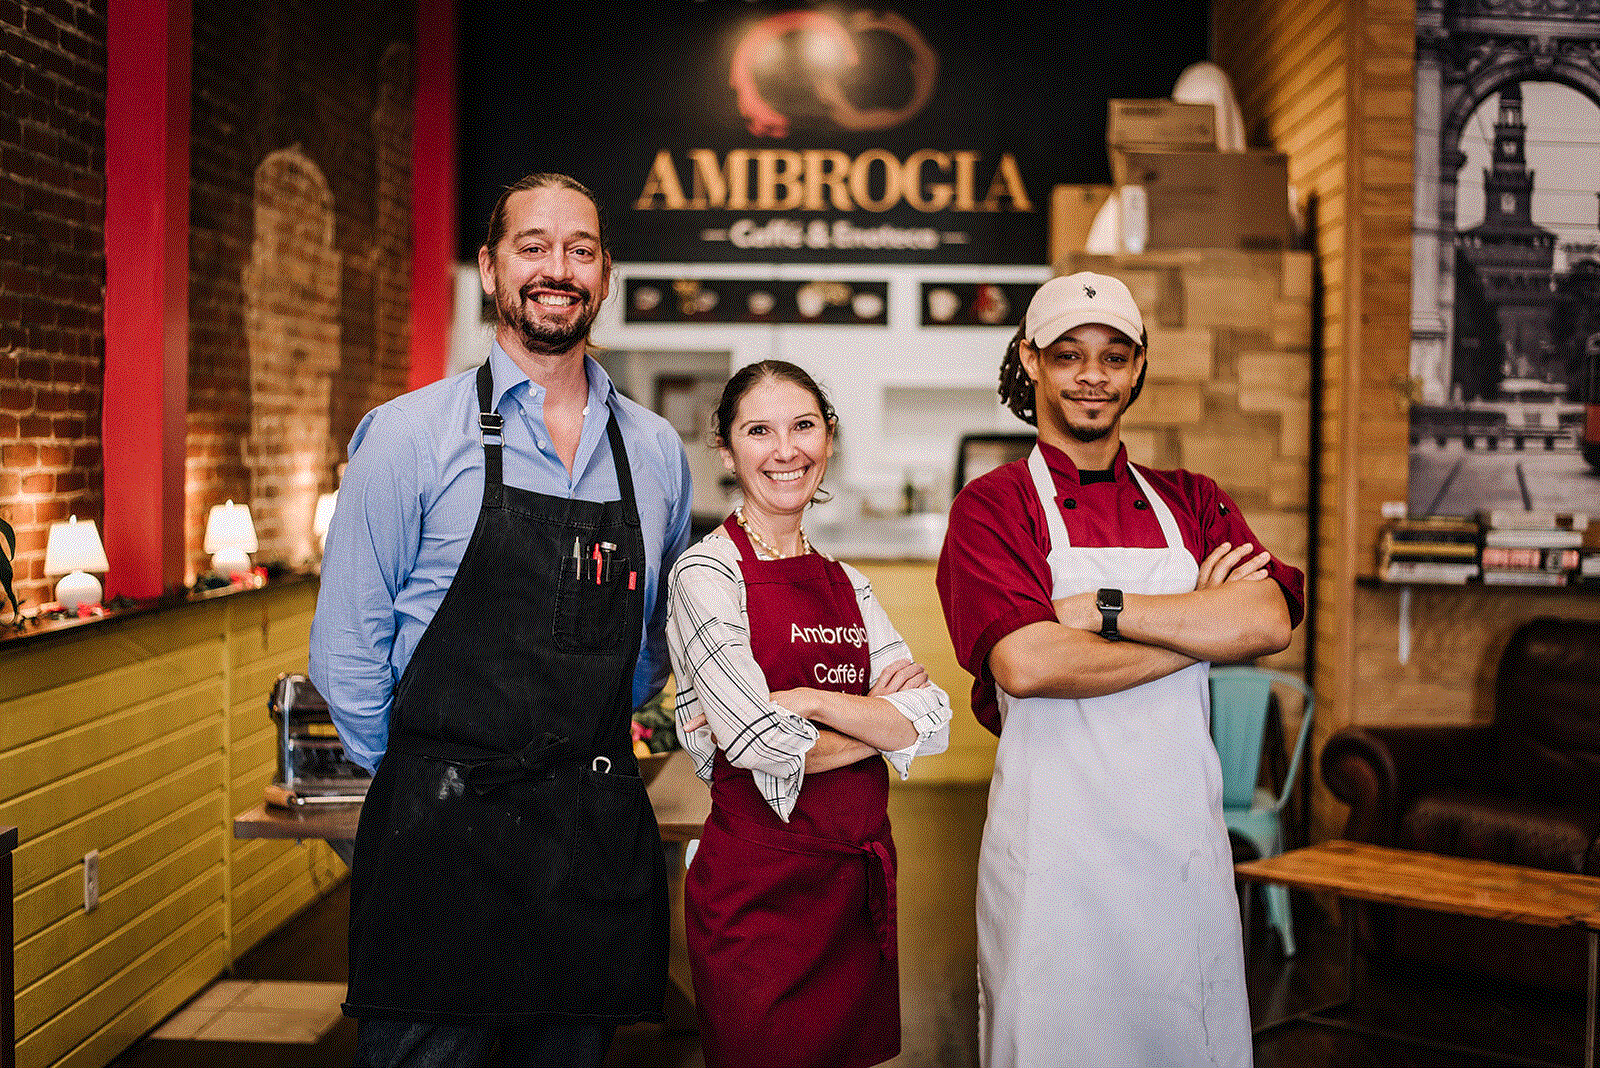 Ambrogia Caffe & Enoteca